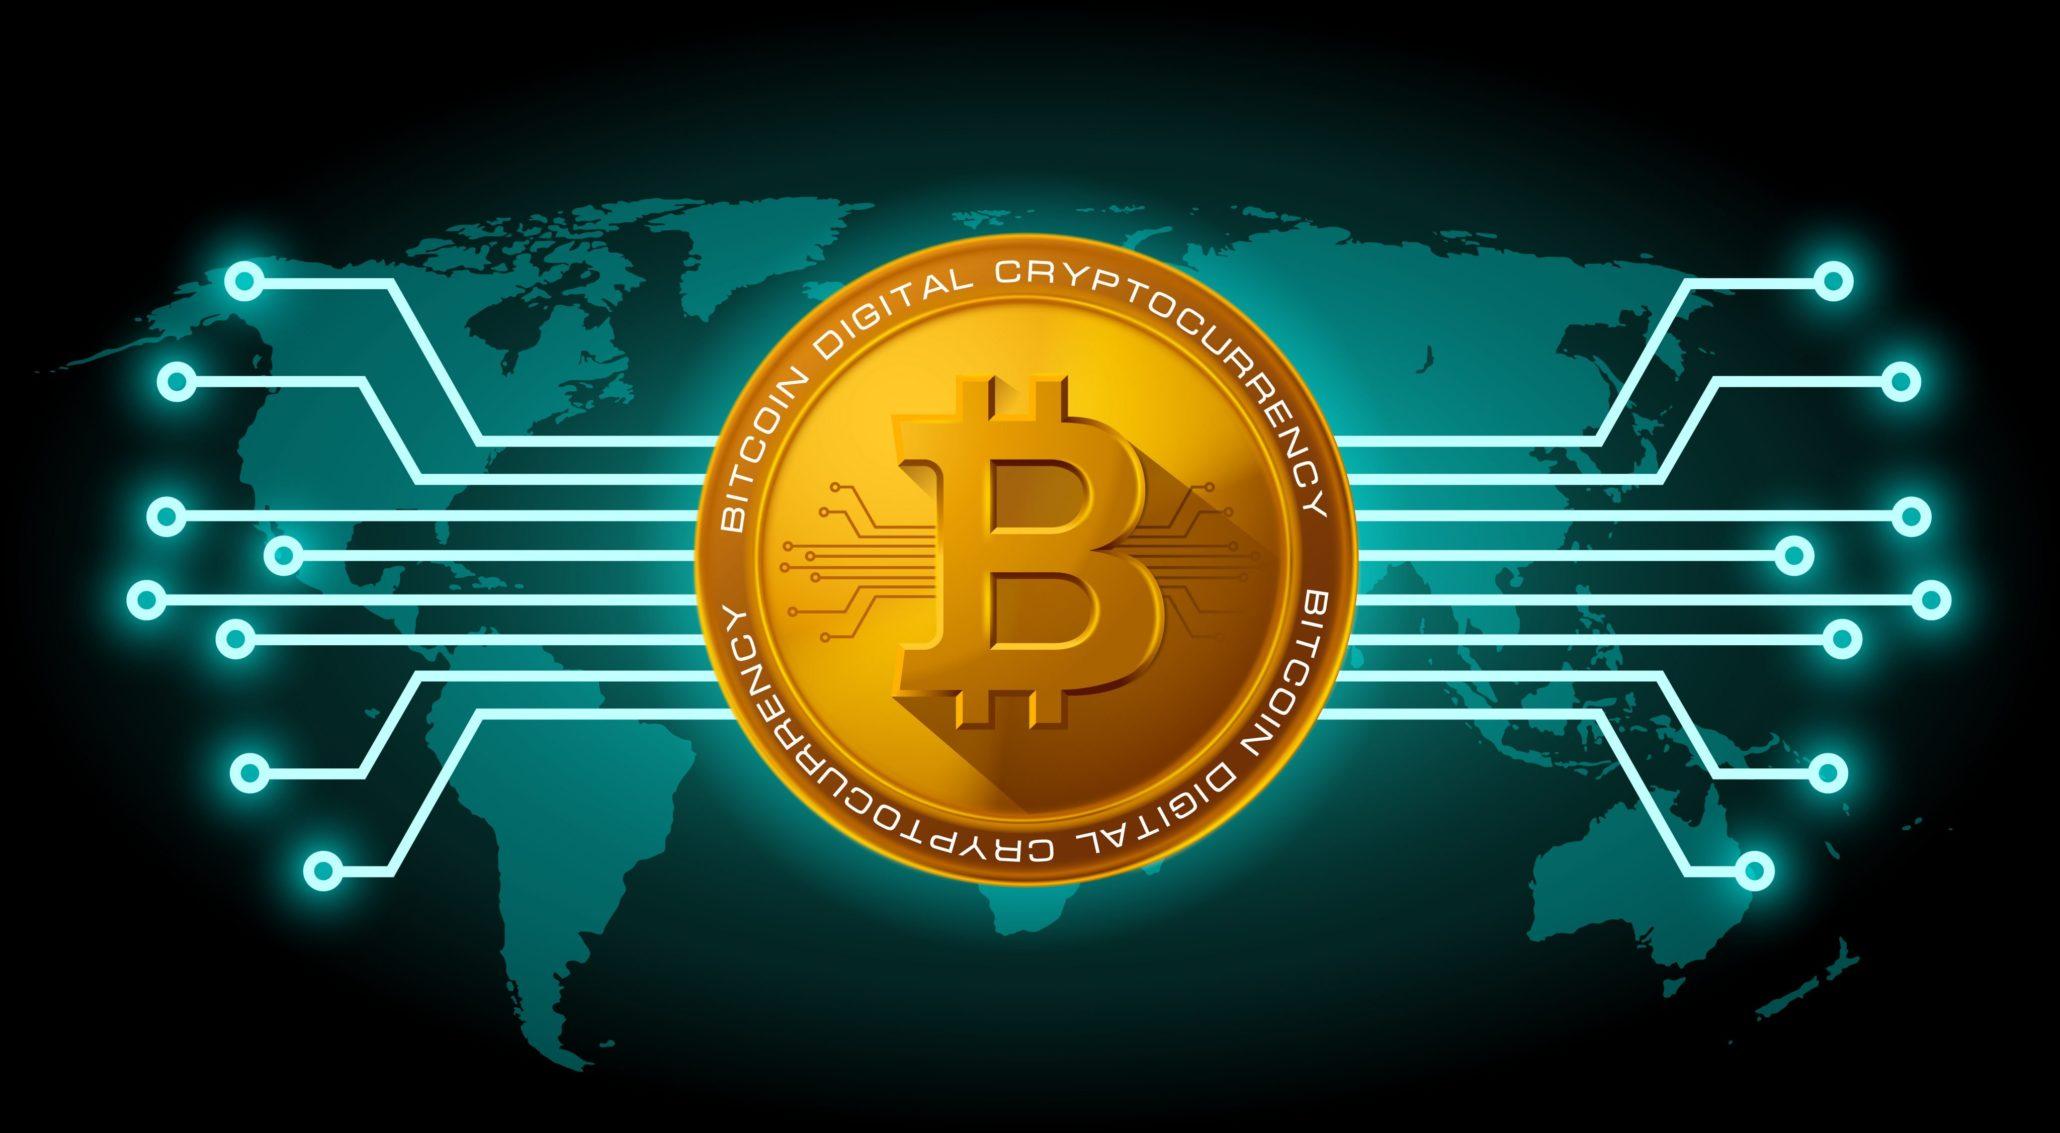 ماینینگ، بیت کوین و ارز رمزپایه به زبان ساده